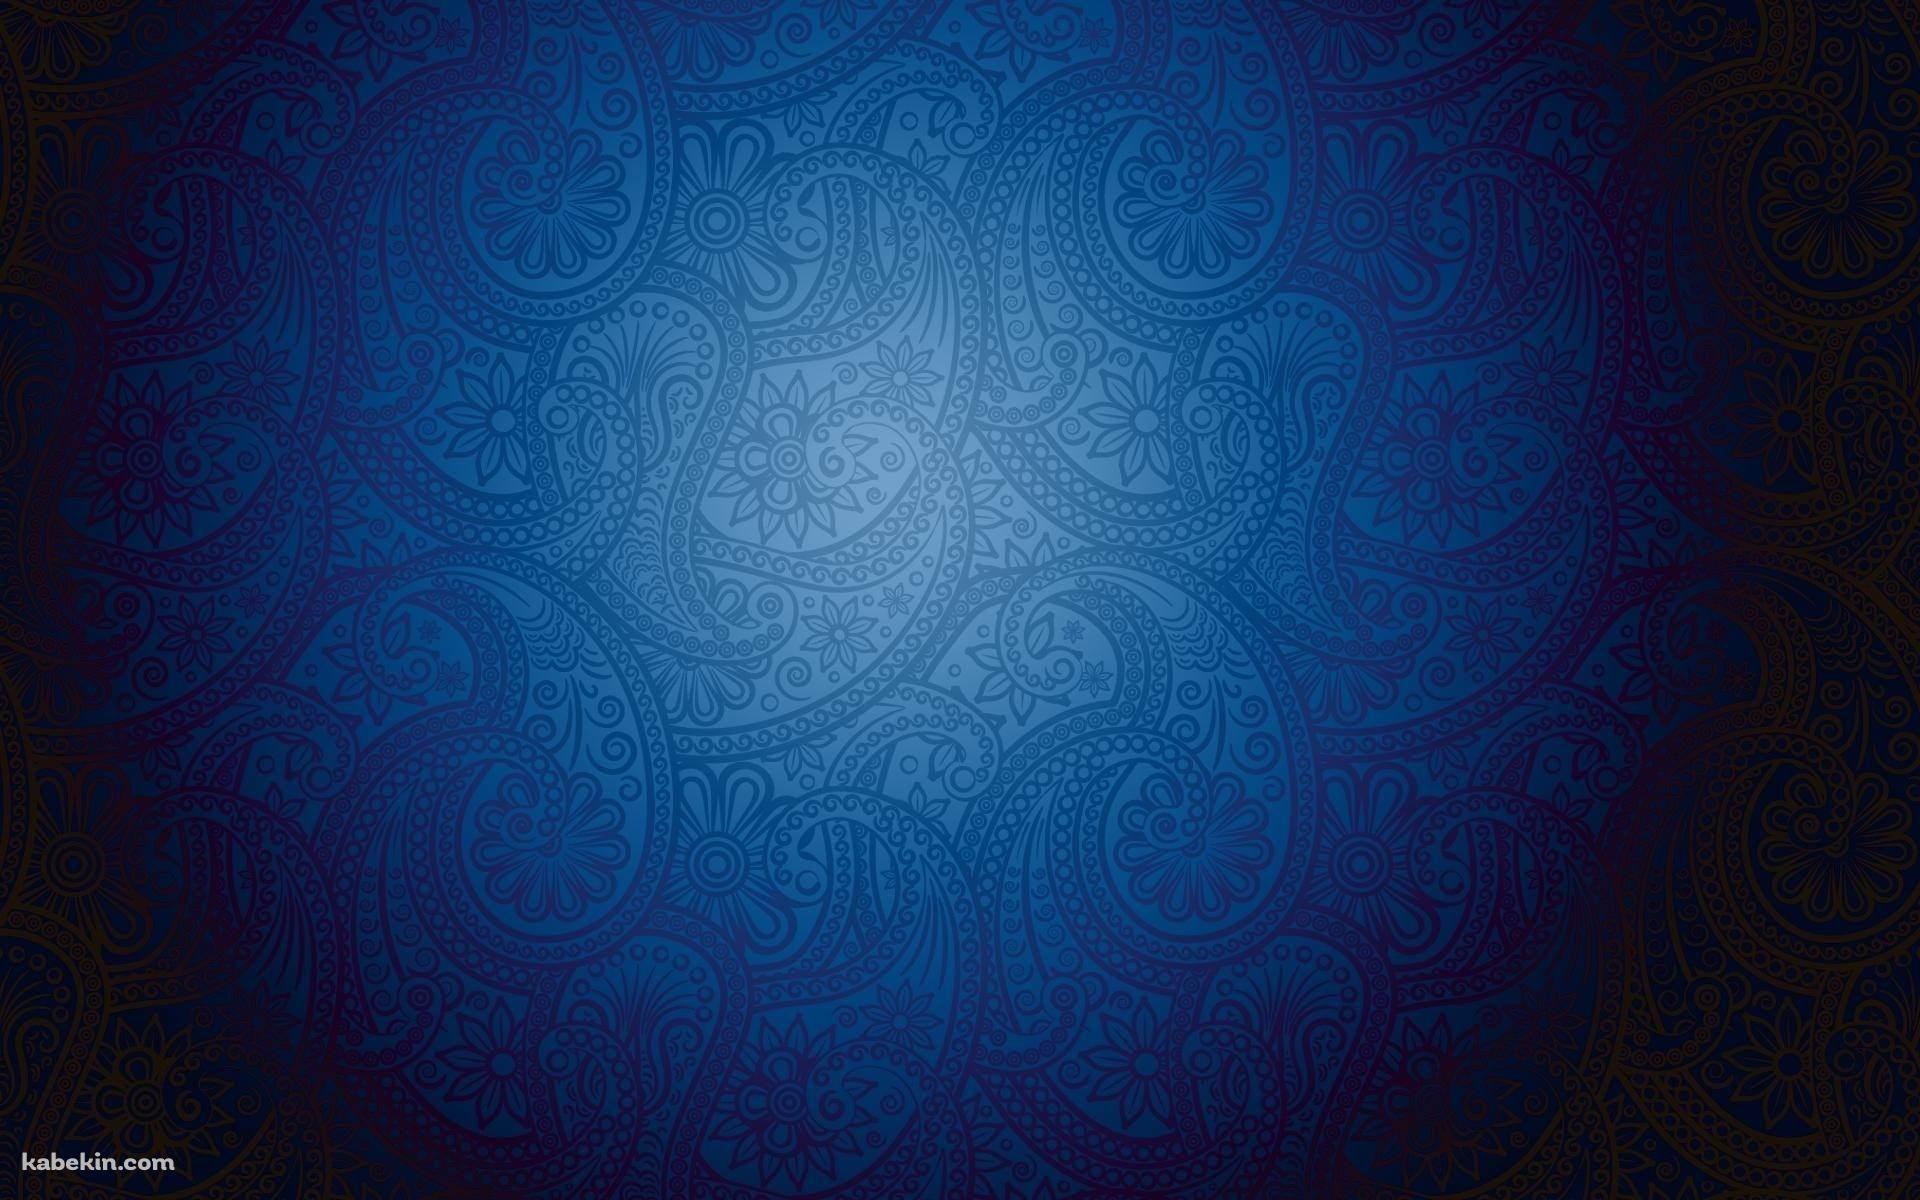 青のペイズリーのパターンの壁紙 背景パターン 青色の背景 青い壁紙